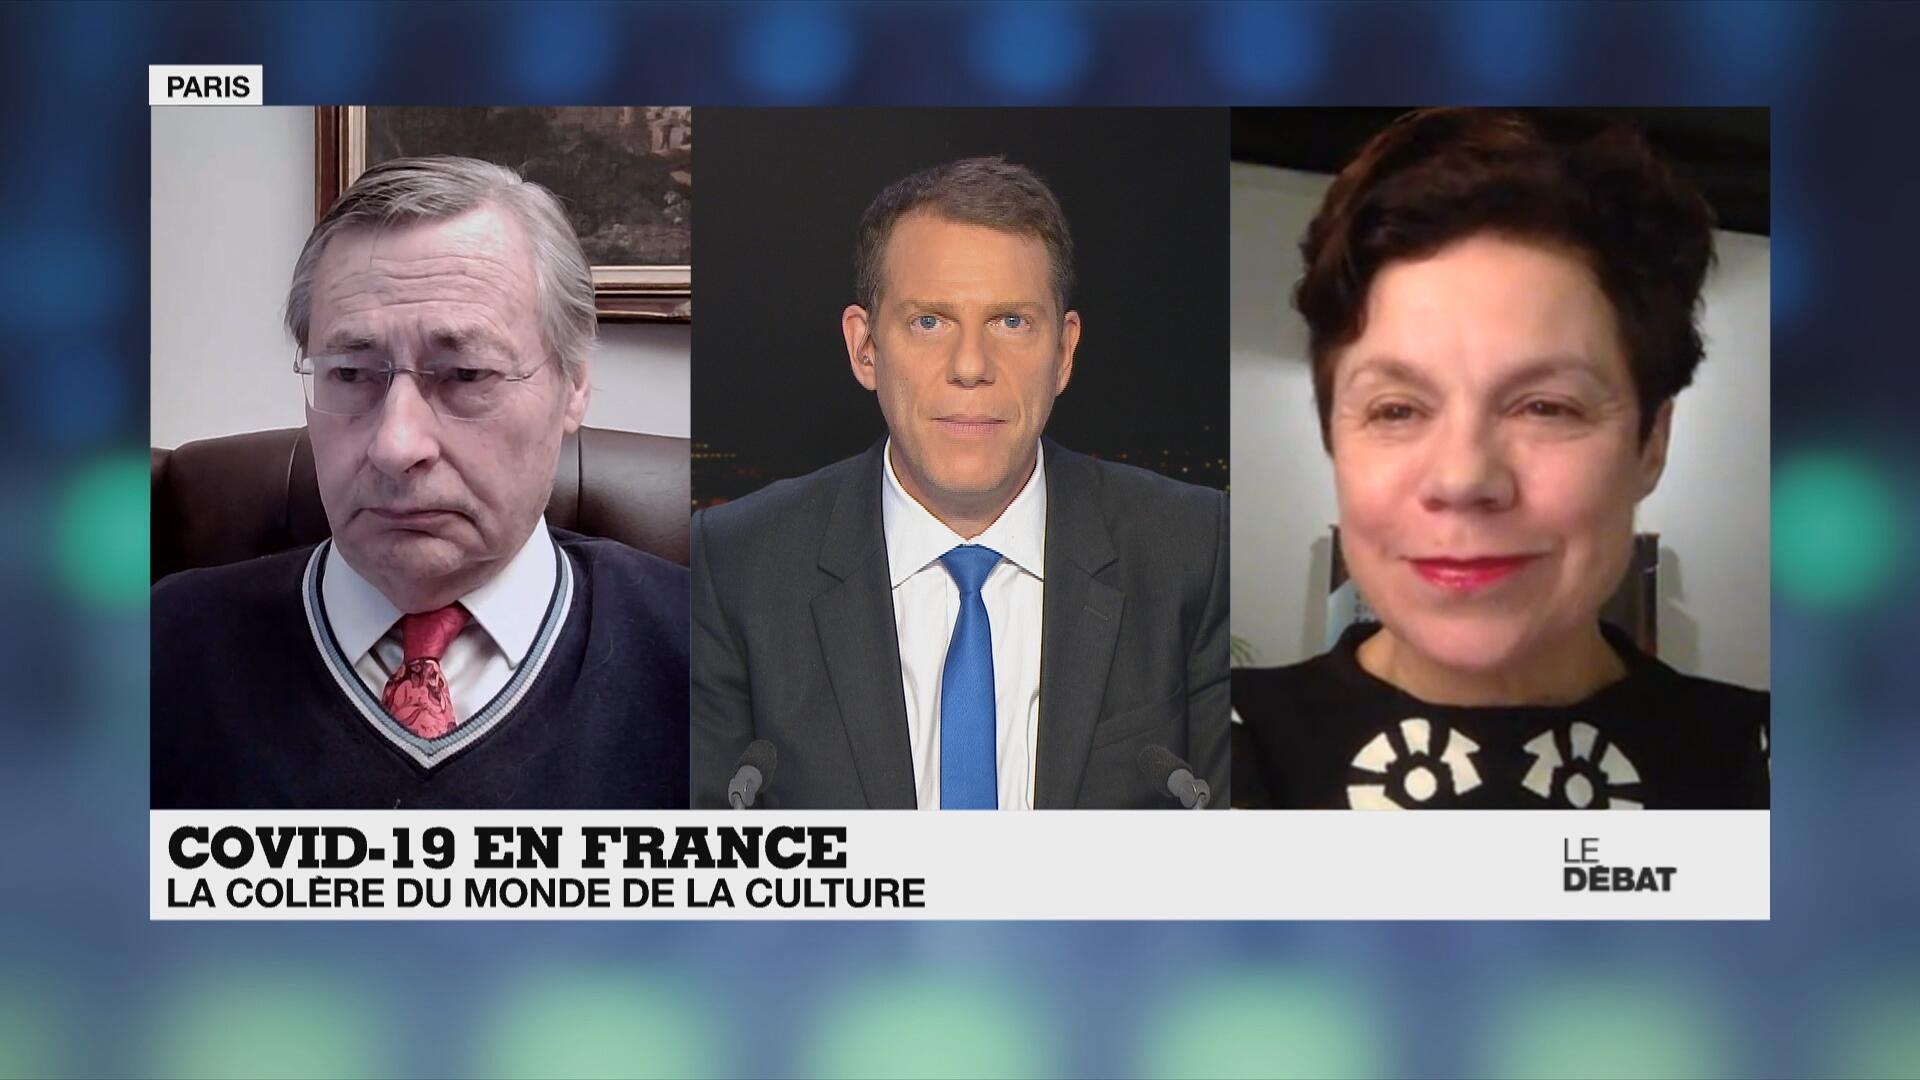 Le Débat de France 24 - mardi 15 décembre 2020